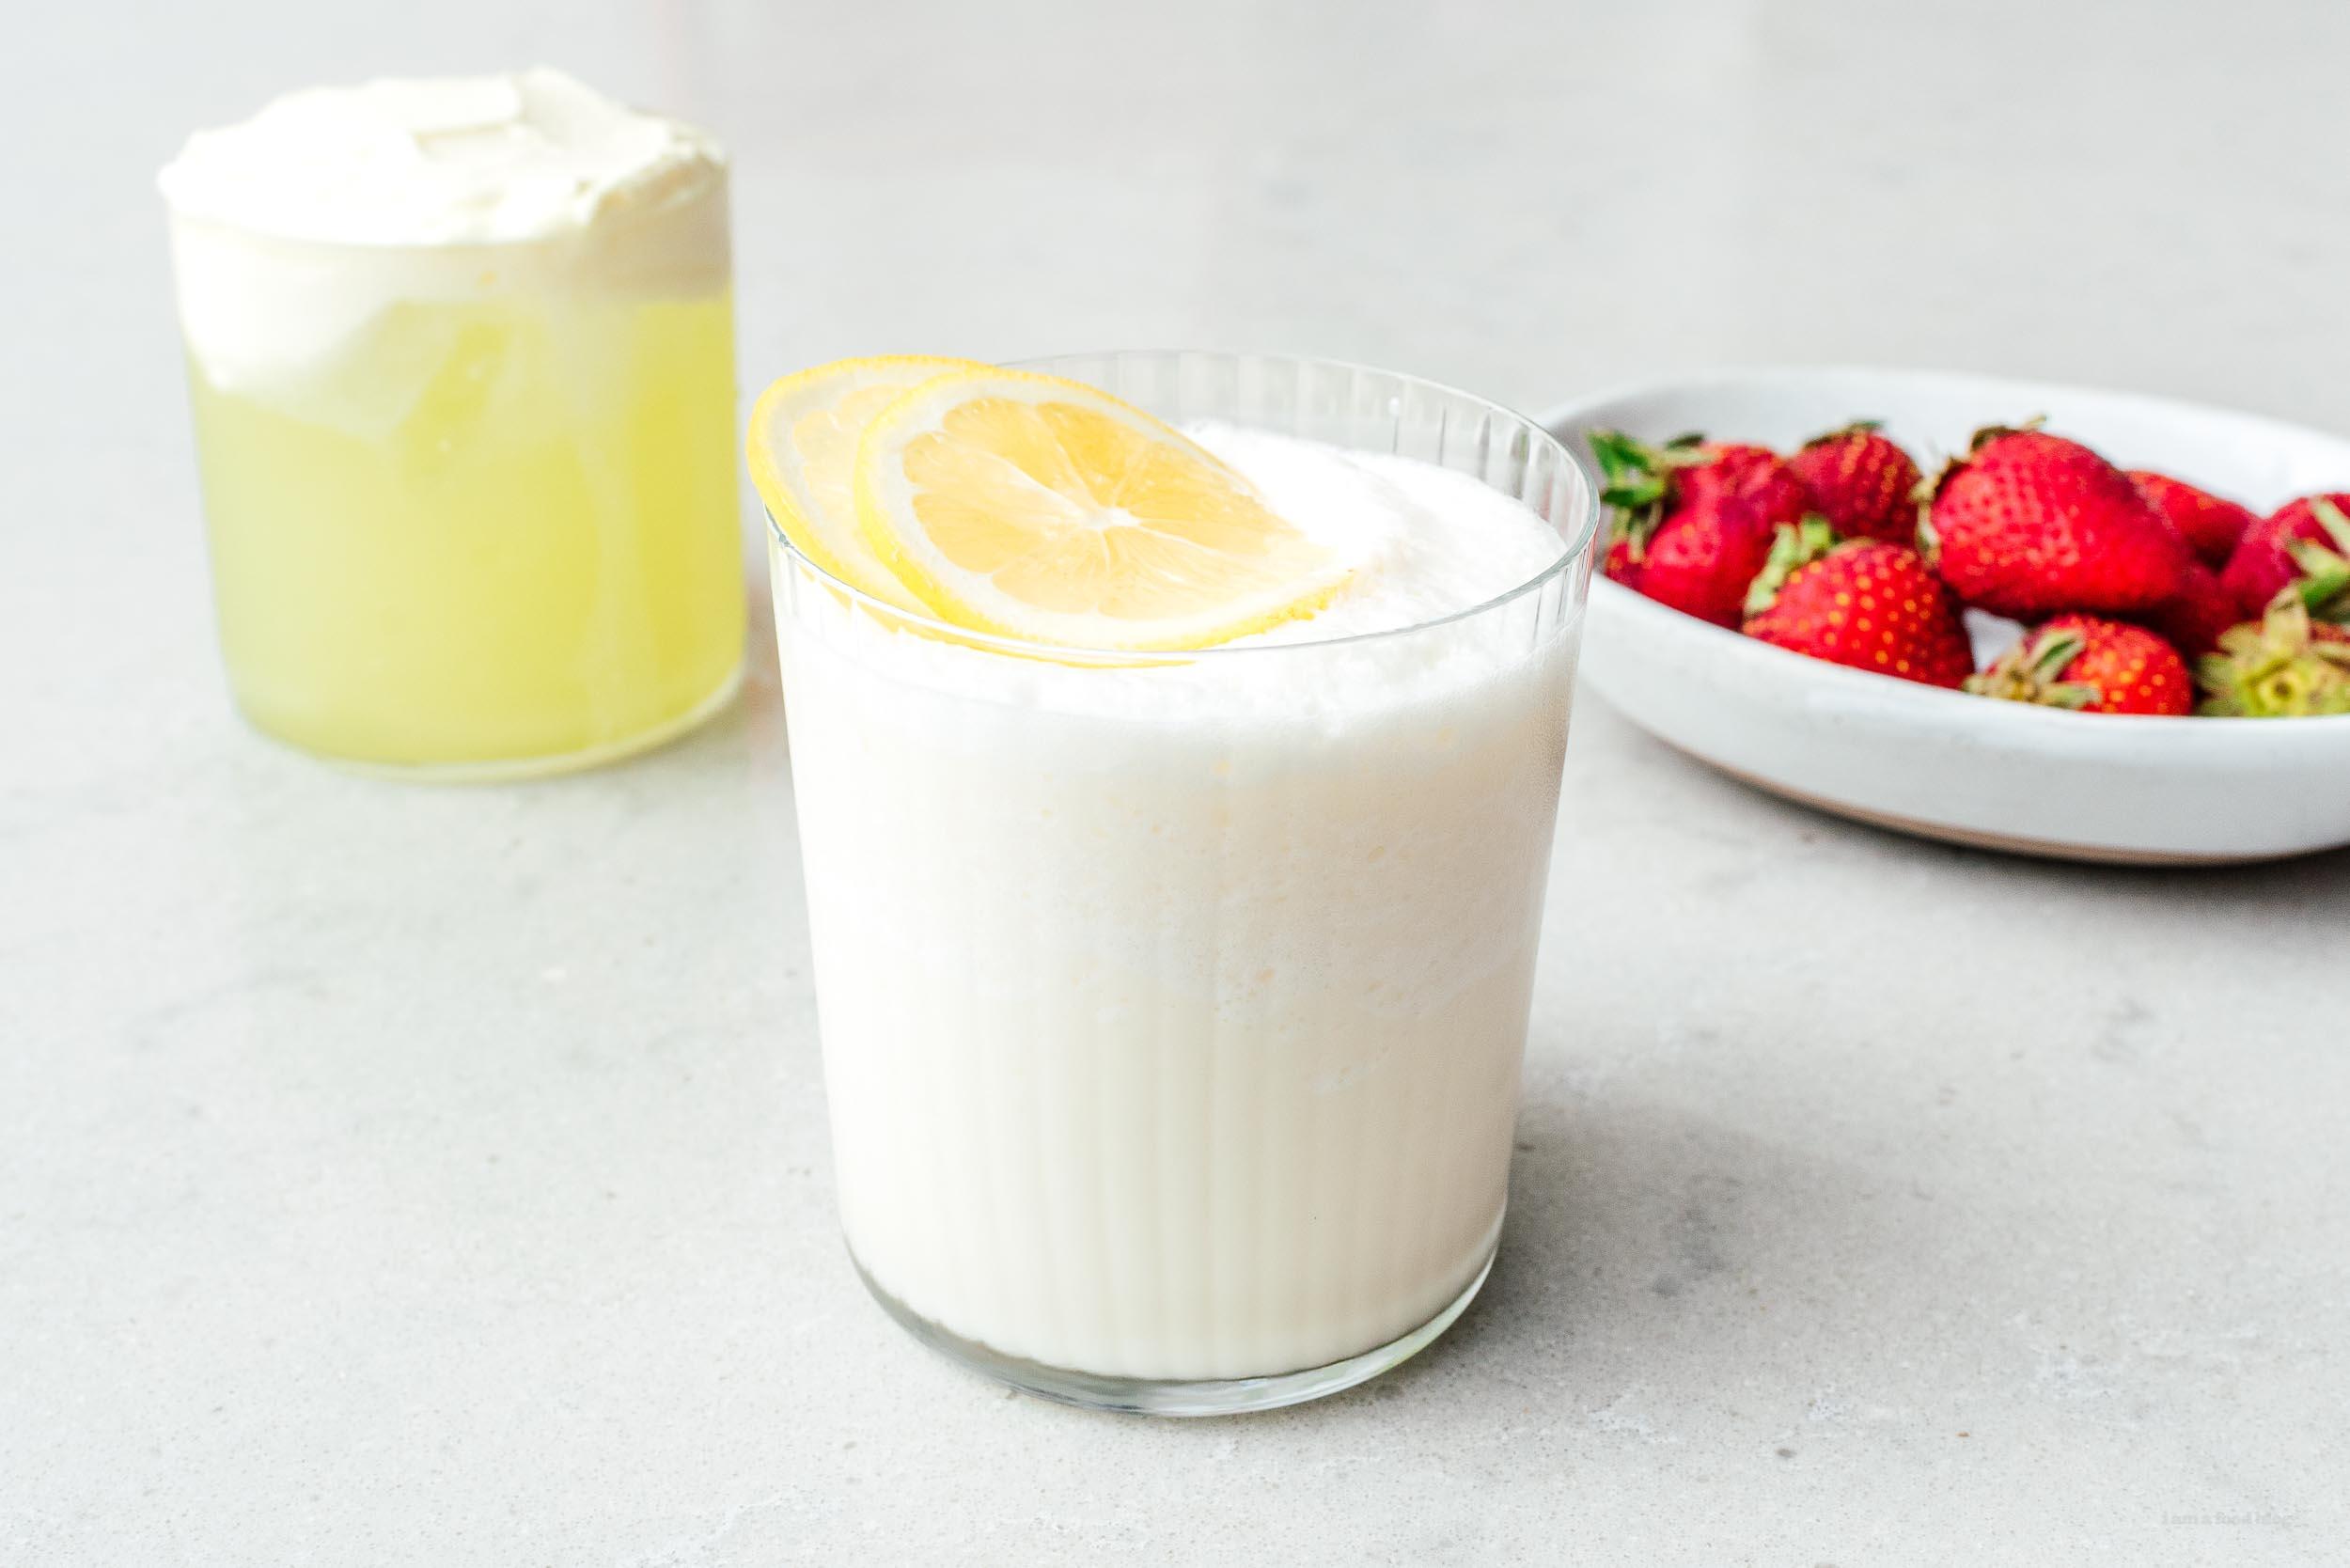 Whipped Lemonade